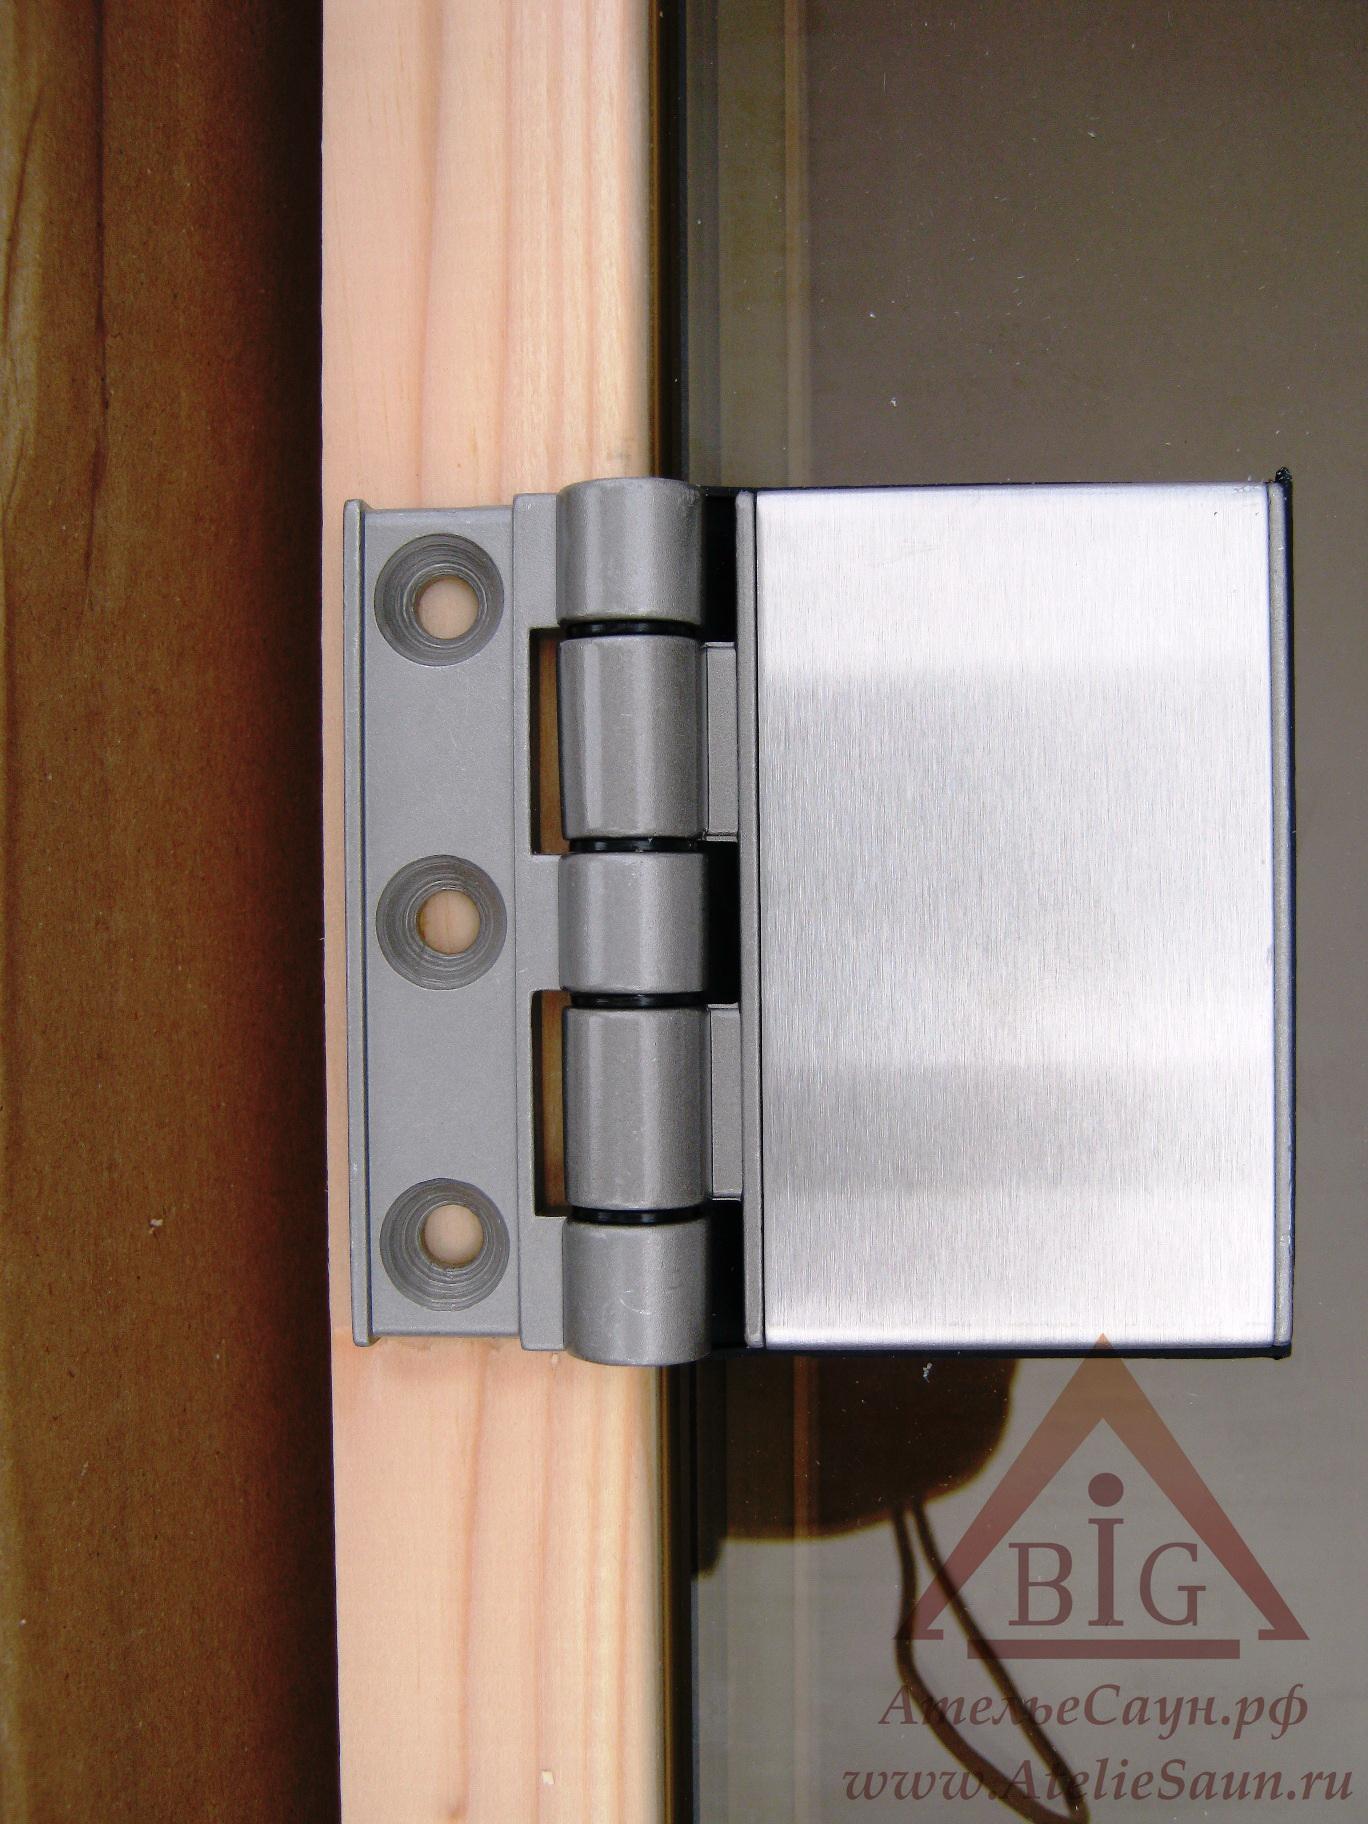 Дверь для сауны Tylo DGB 7x19 (бронза, сосна, арт. 91031500)